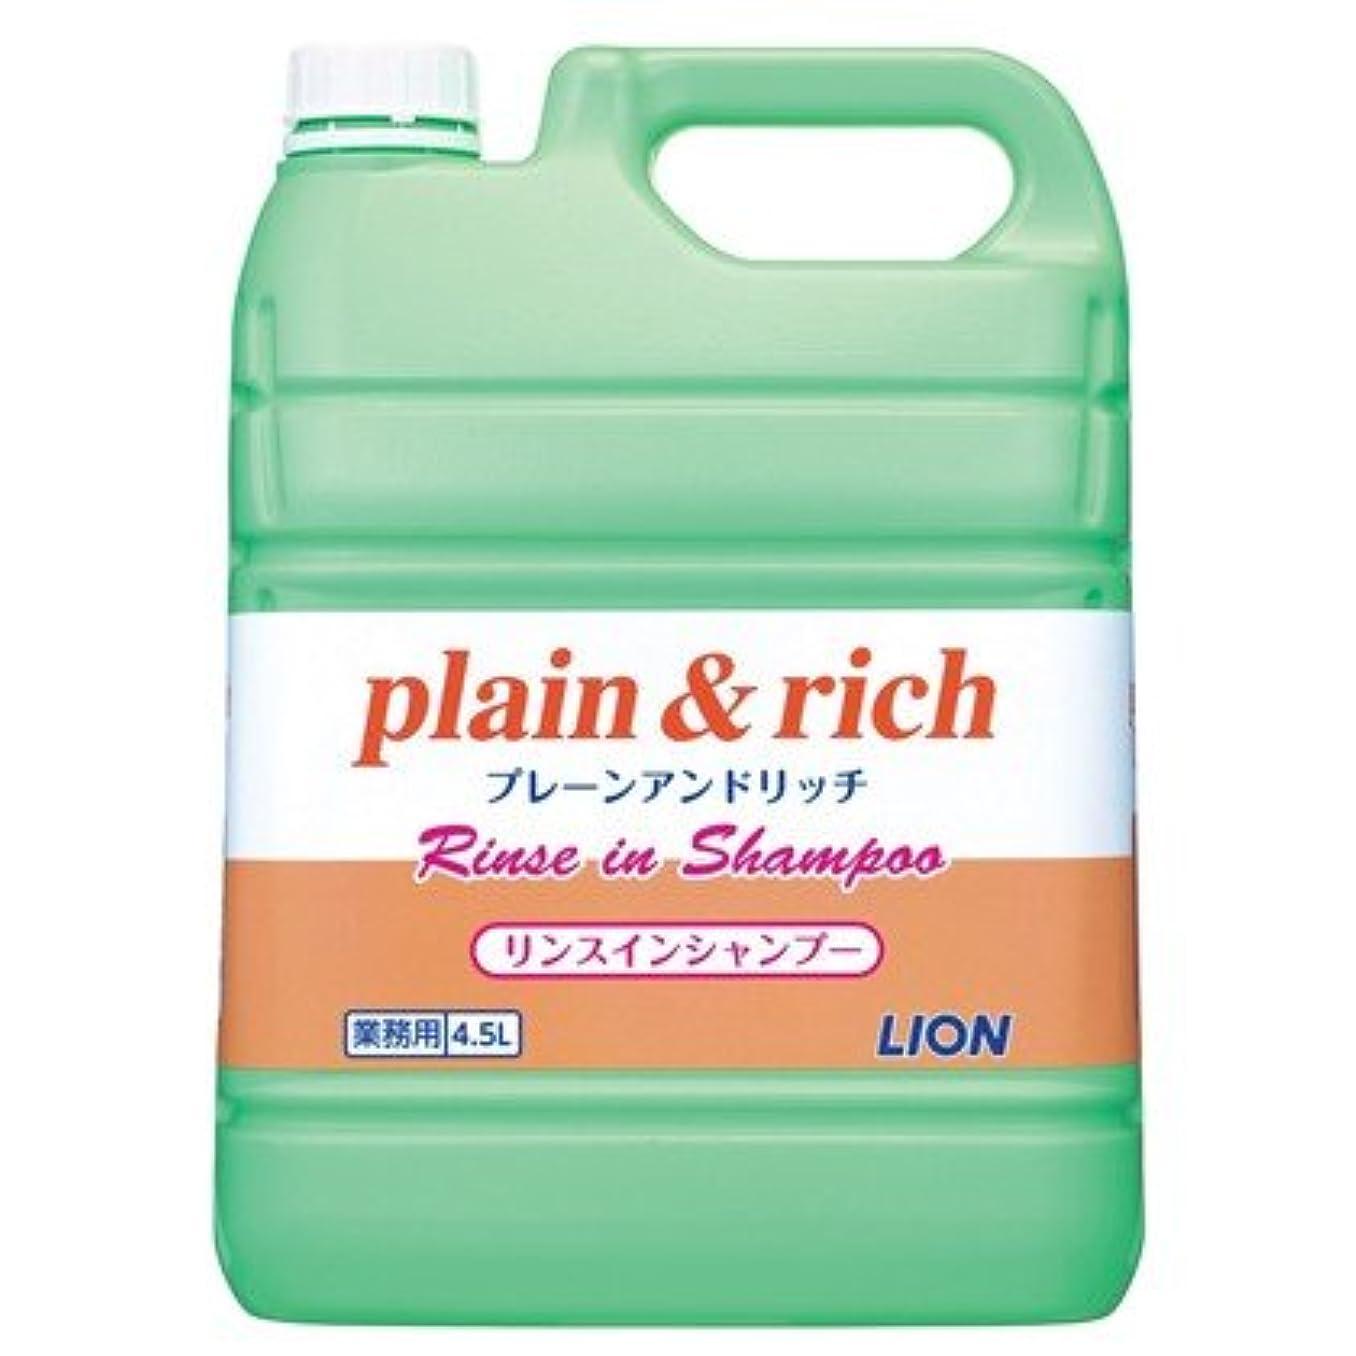 ライオン プレーン&リッチ リンスインシャンプー 4.5L×3本入●ケース販売お徳用